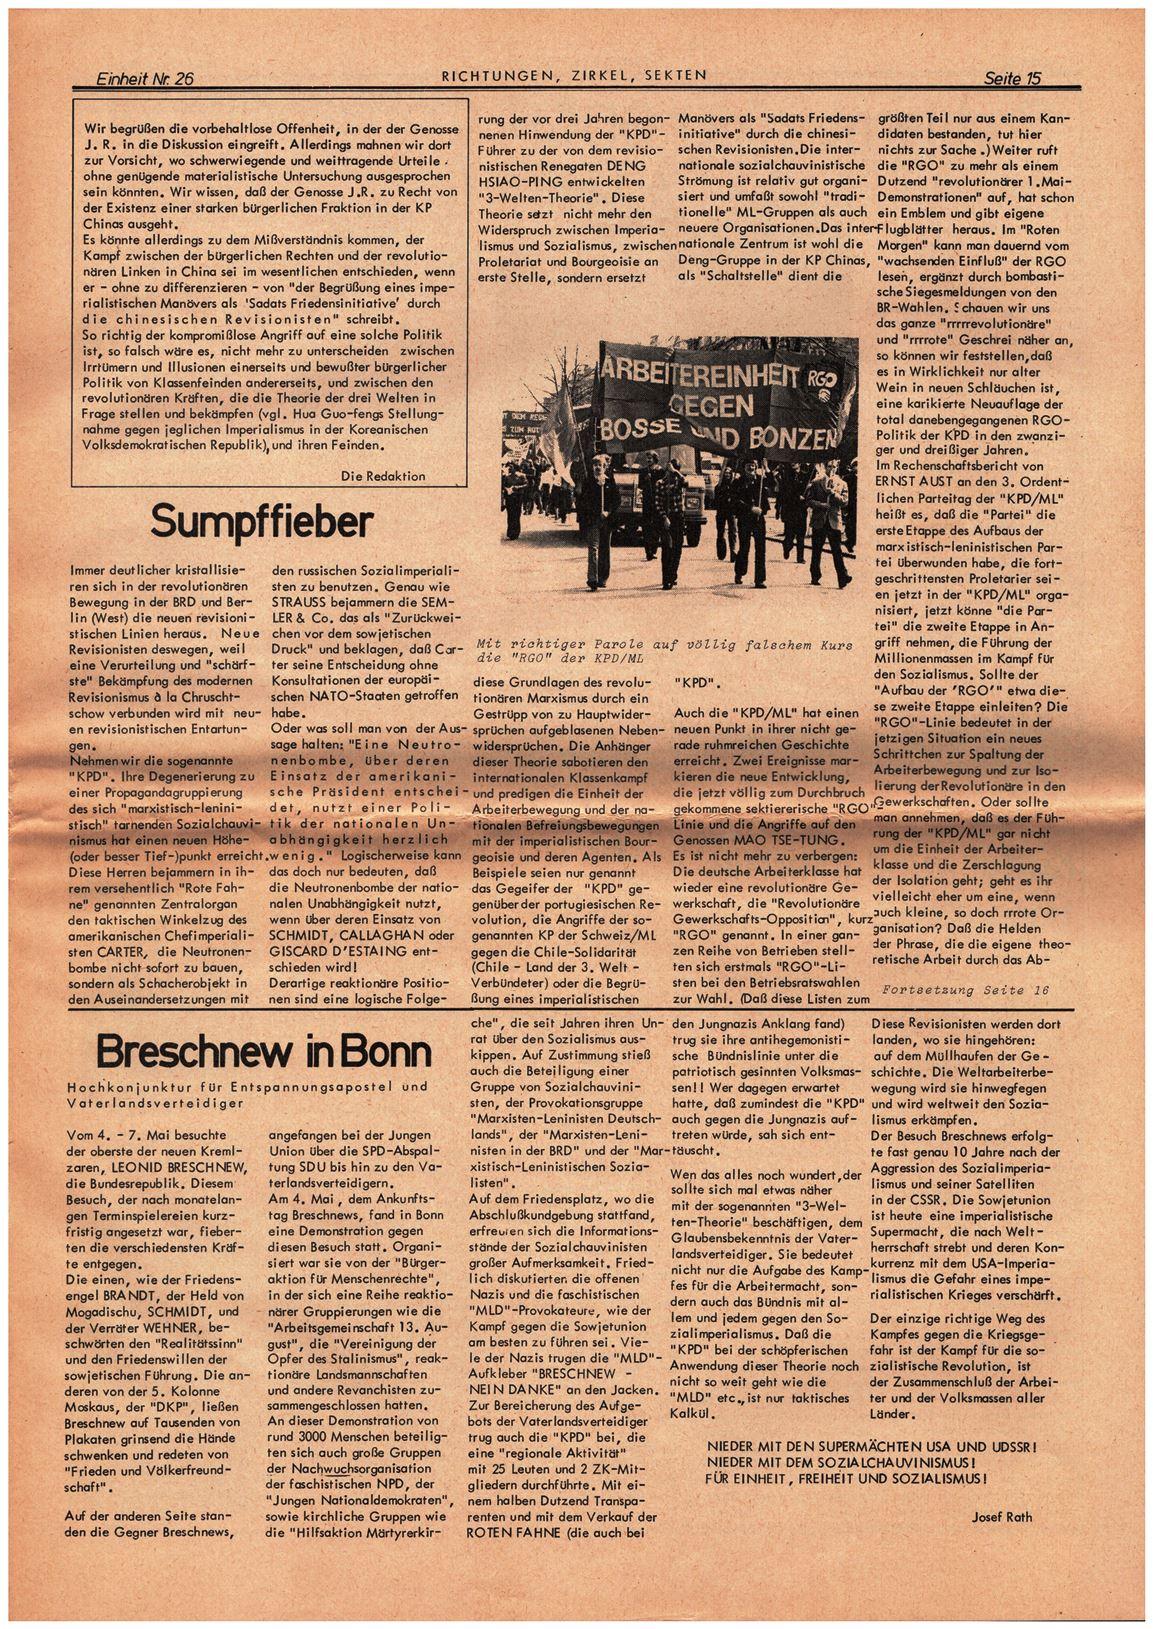 Koeln_IPdA_Einheit_1978_026_015